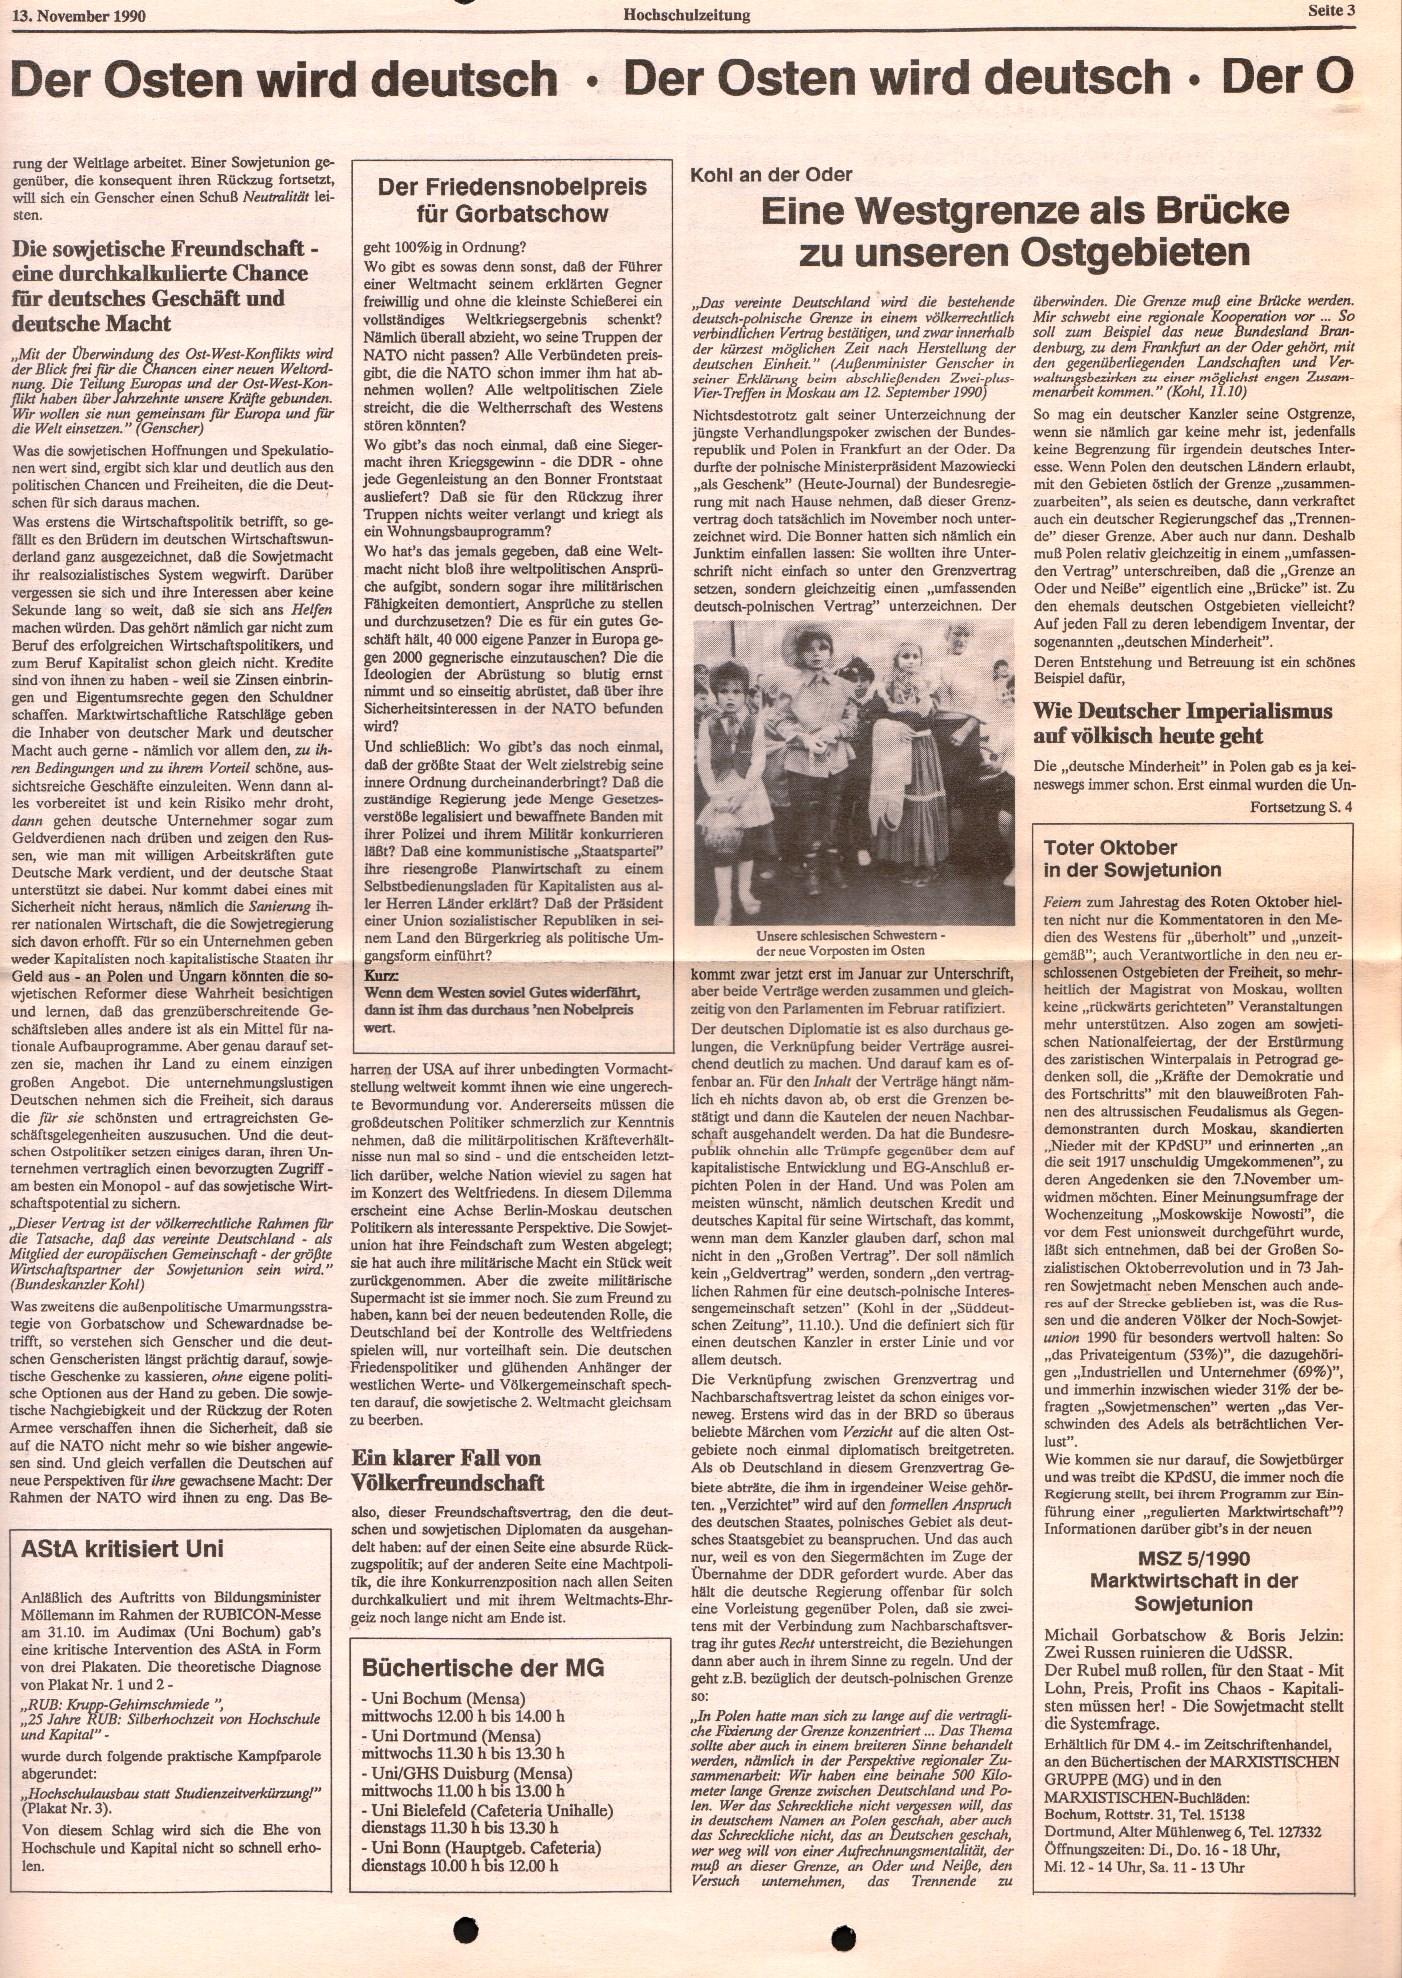 Ruhrgebiet_MG_Marxistische_Hochschulzeitung_19901113_03